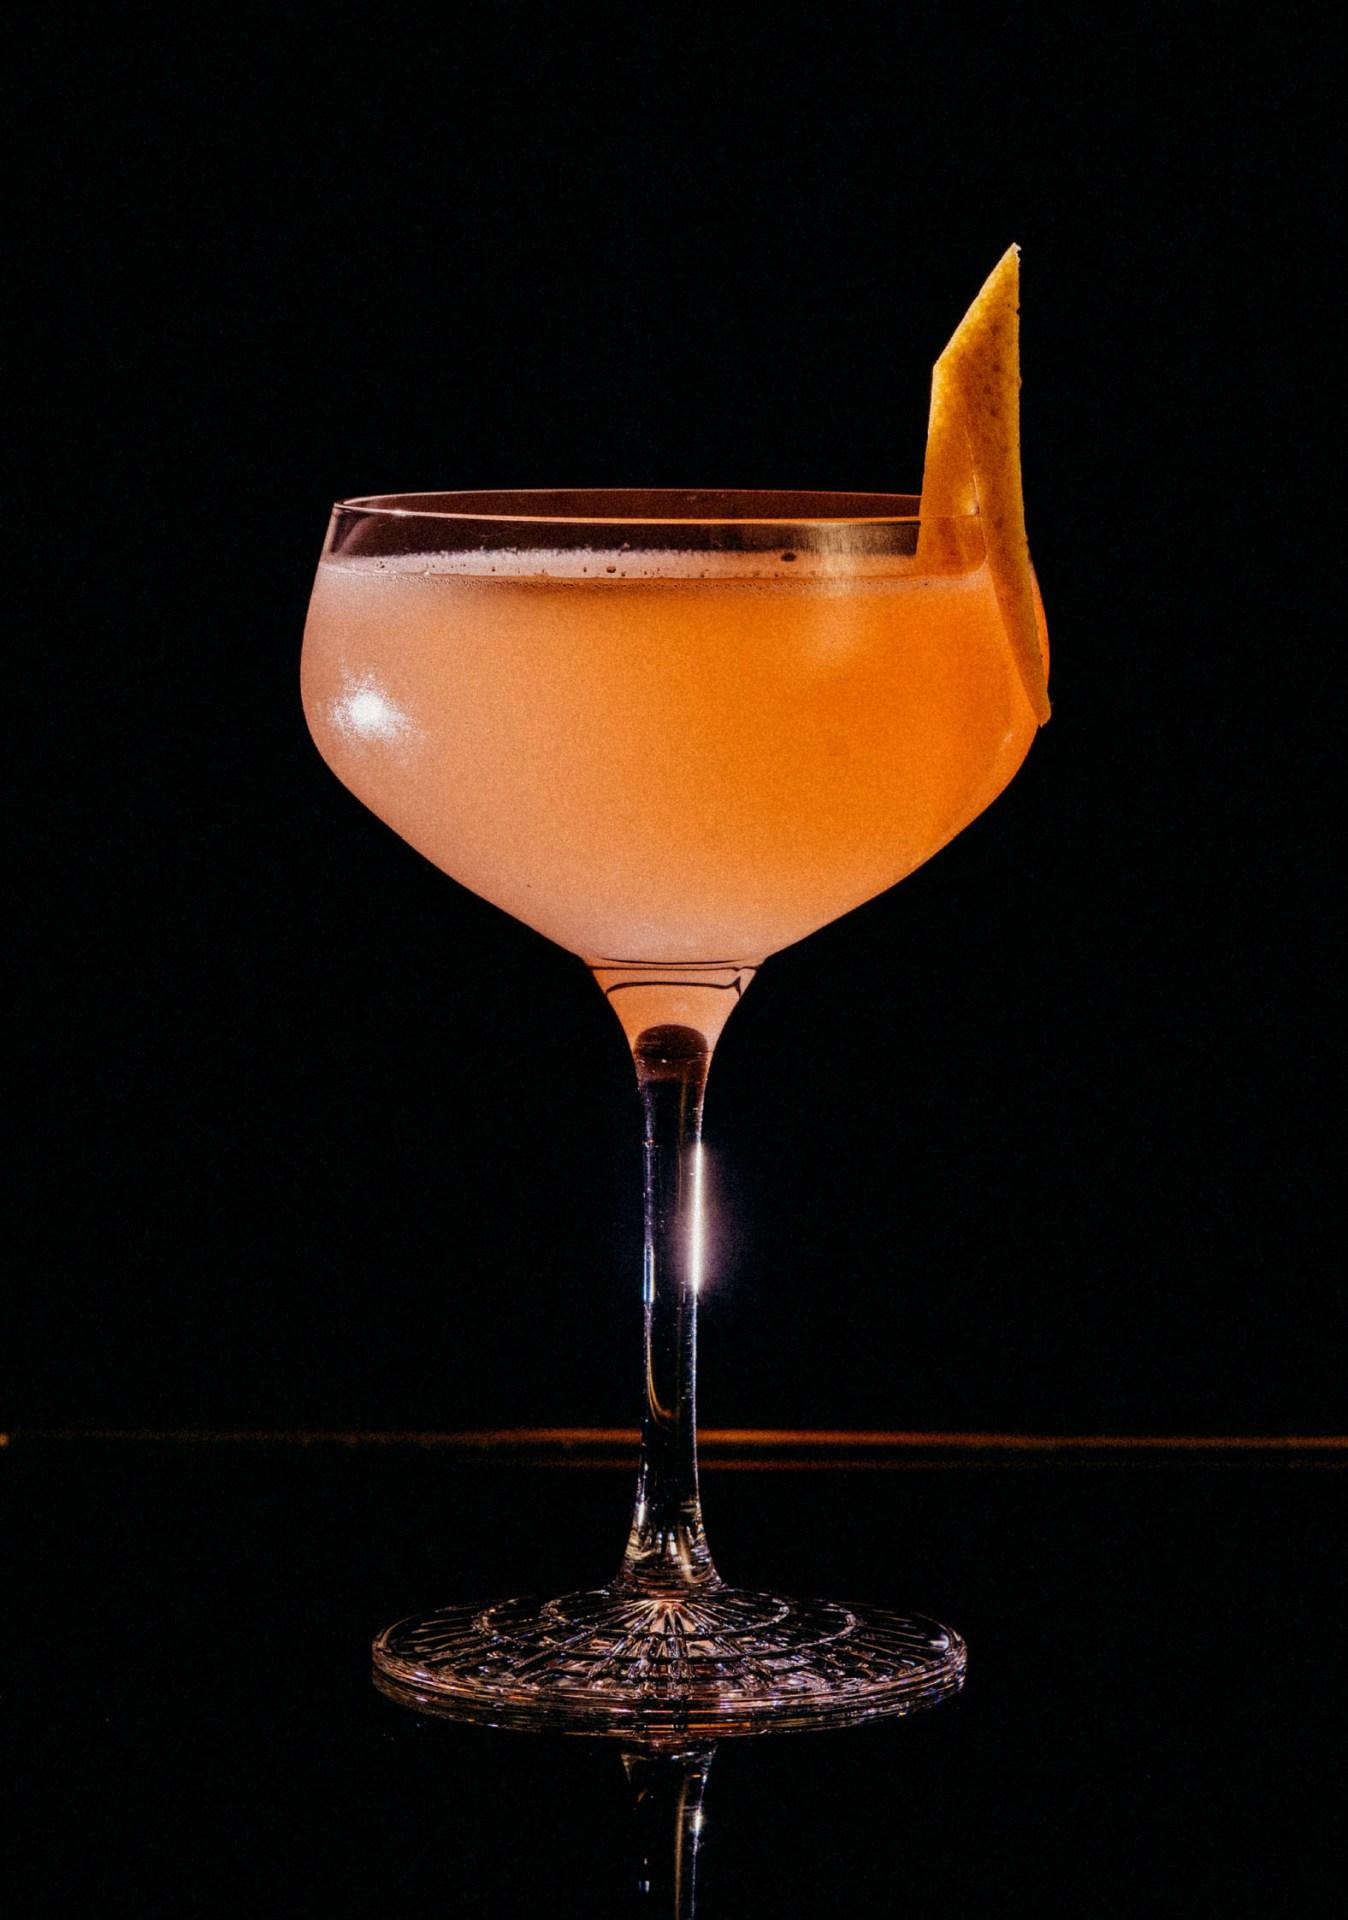 Recipe: 5cl Havana Club Añejo 3 Años 3cl Grapefruit Juice 1.5cl Lime Juice 1cl Maraschino Liqueur